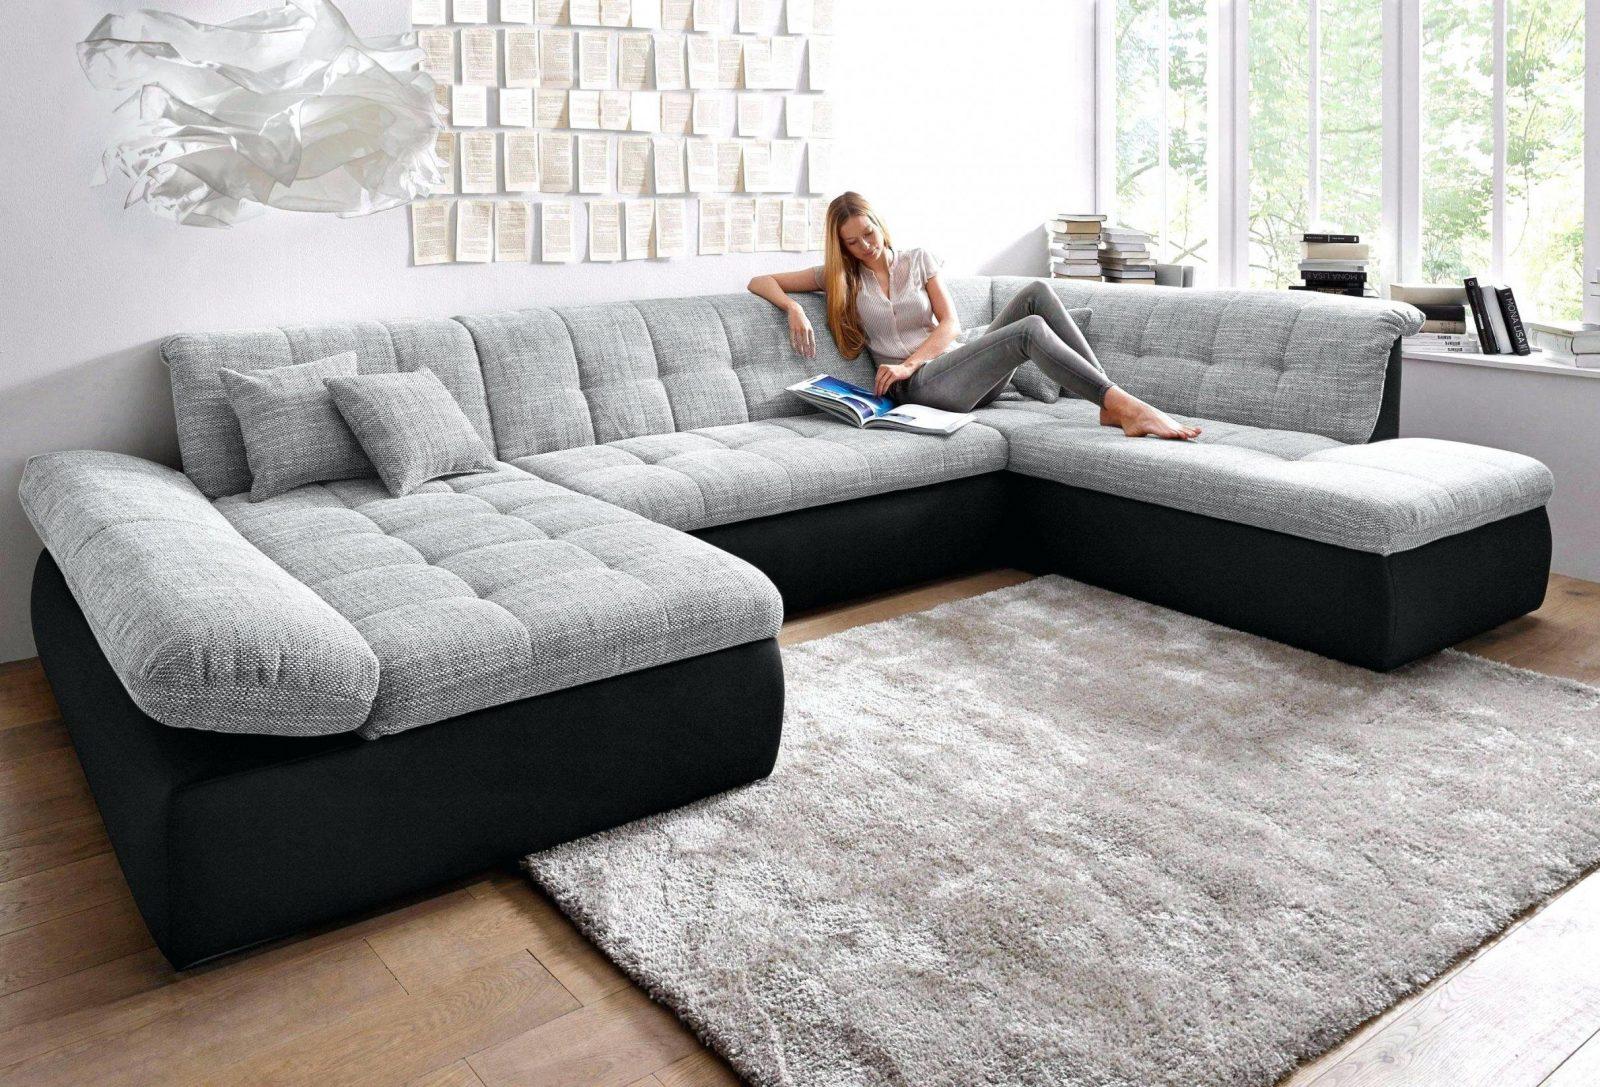 Otto Wohnlandschaft Xxl Size Sofa Couch Sofas